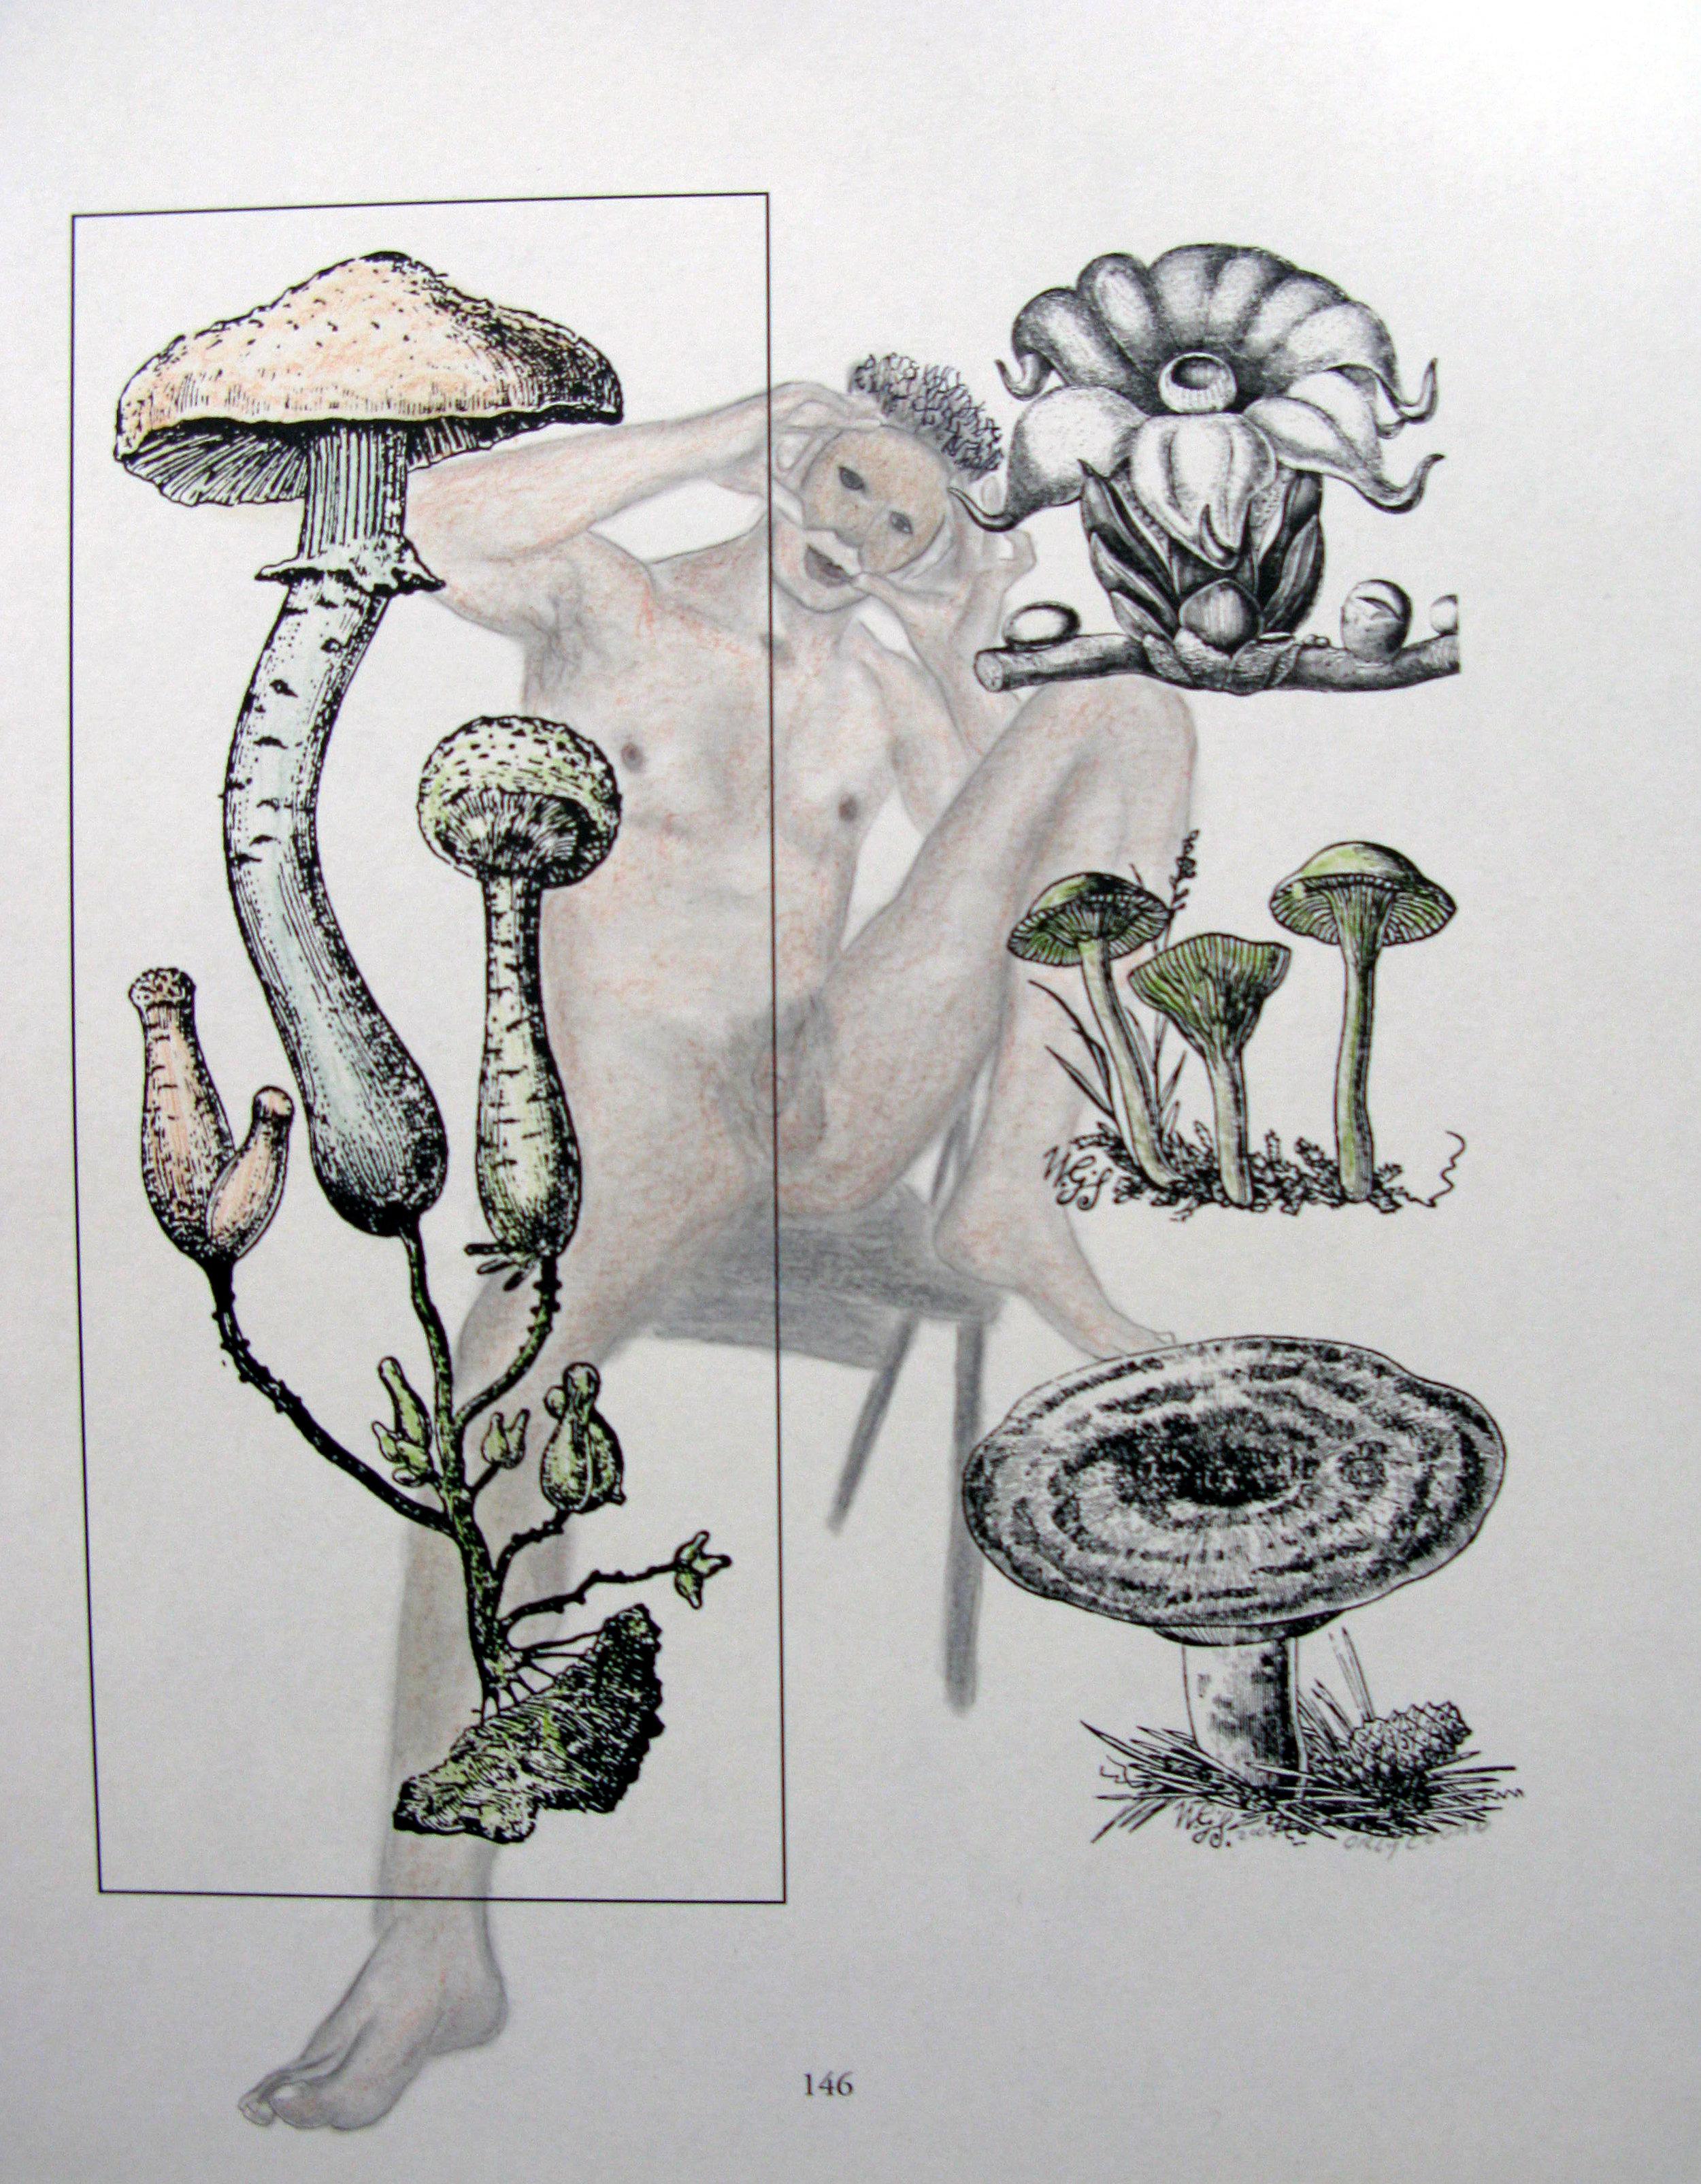 Fungus among us